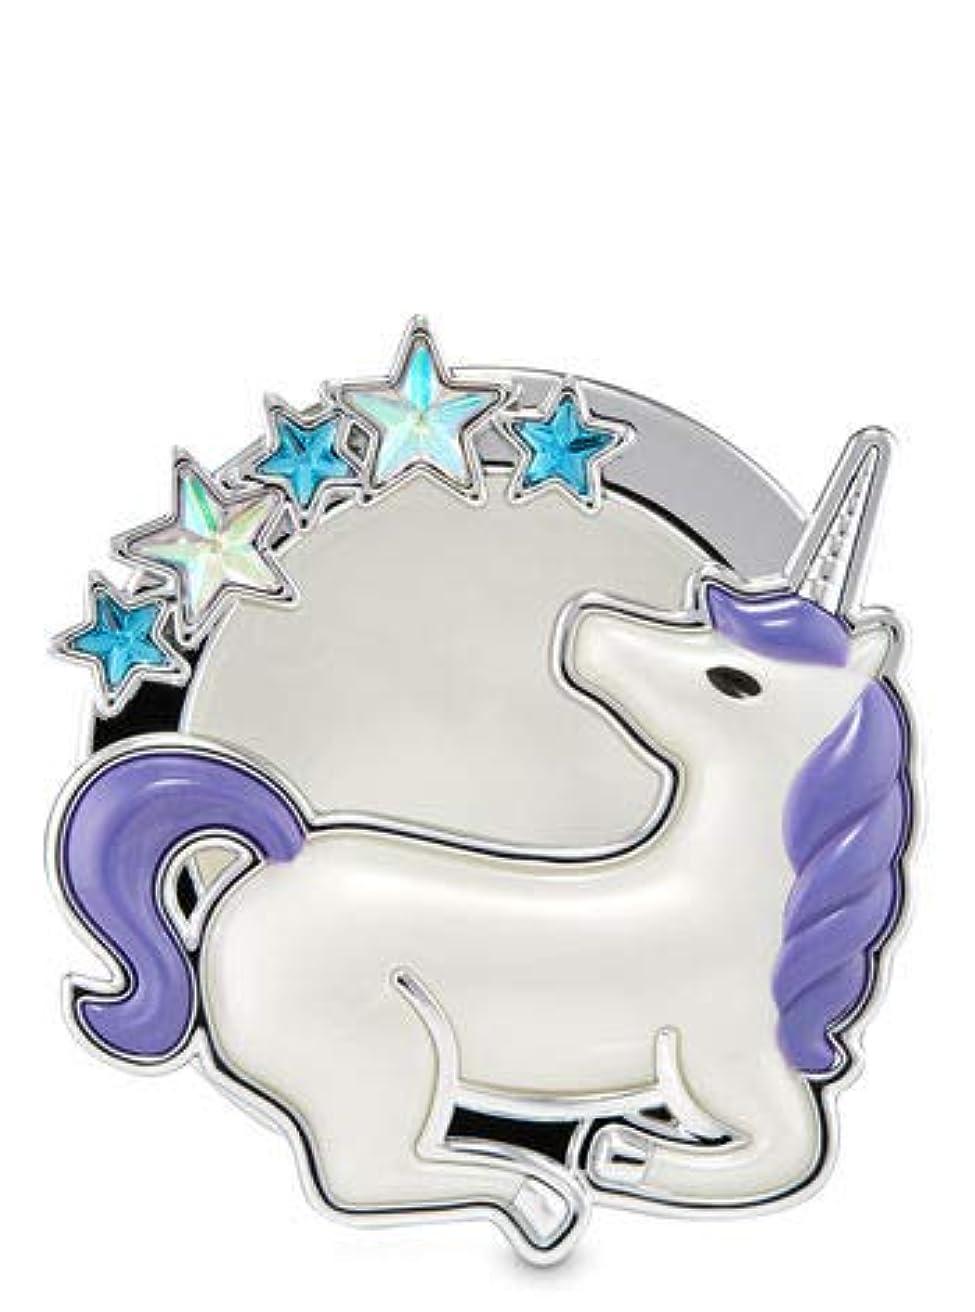 会話アロング操作【Bath&Body Works/バス&ボディワークス】 クリップ式芳香剤 セントポータブル ホルダー (本体ケースのみ) スターゲイジングユニコーン Scentportable Holder Stargazing Unicorn [並行輸入品]